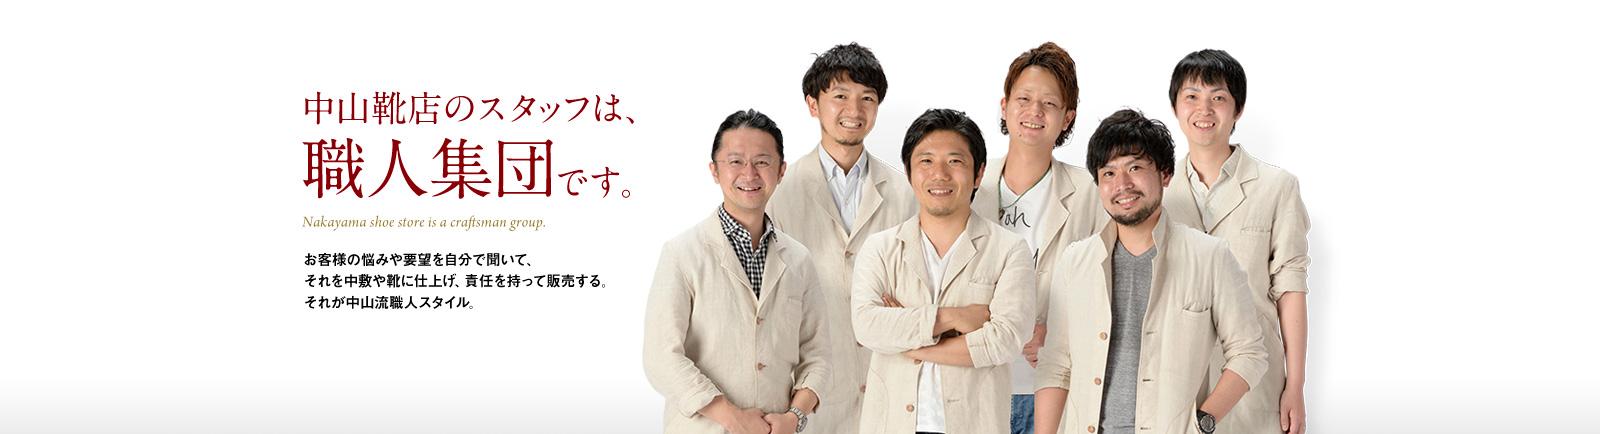 中山靴店のスタッフは、職人集団です。